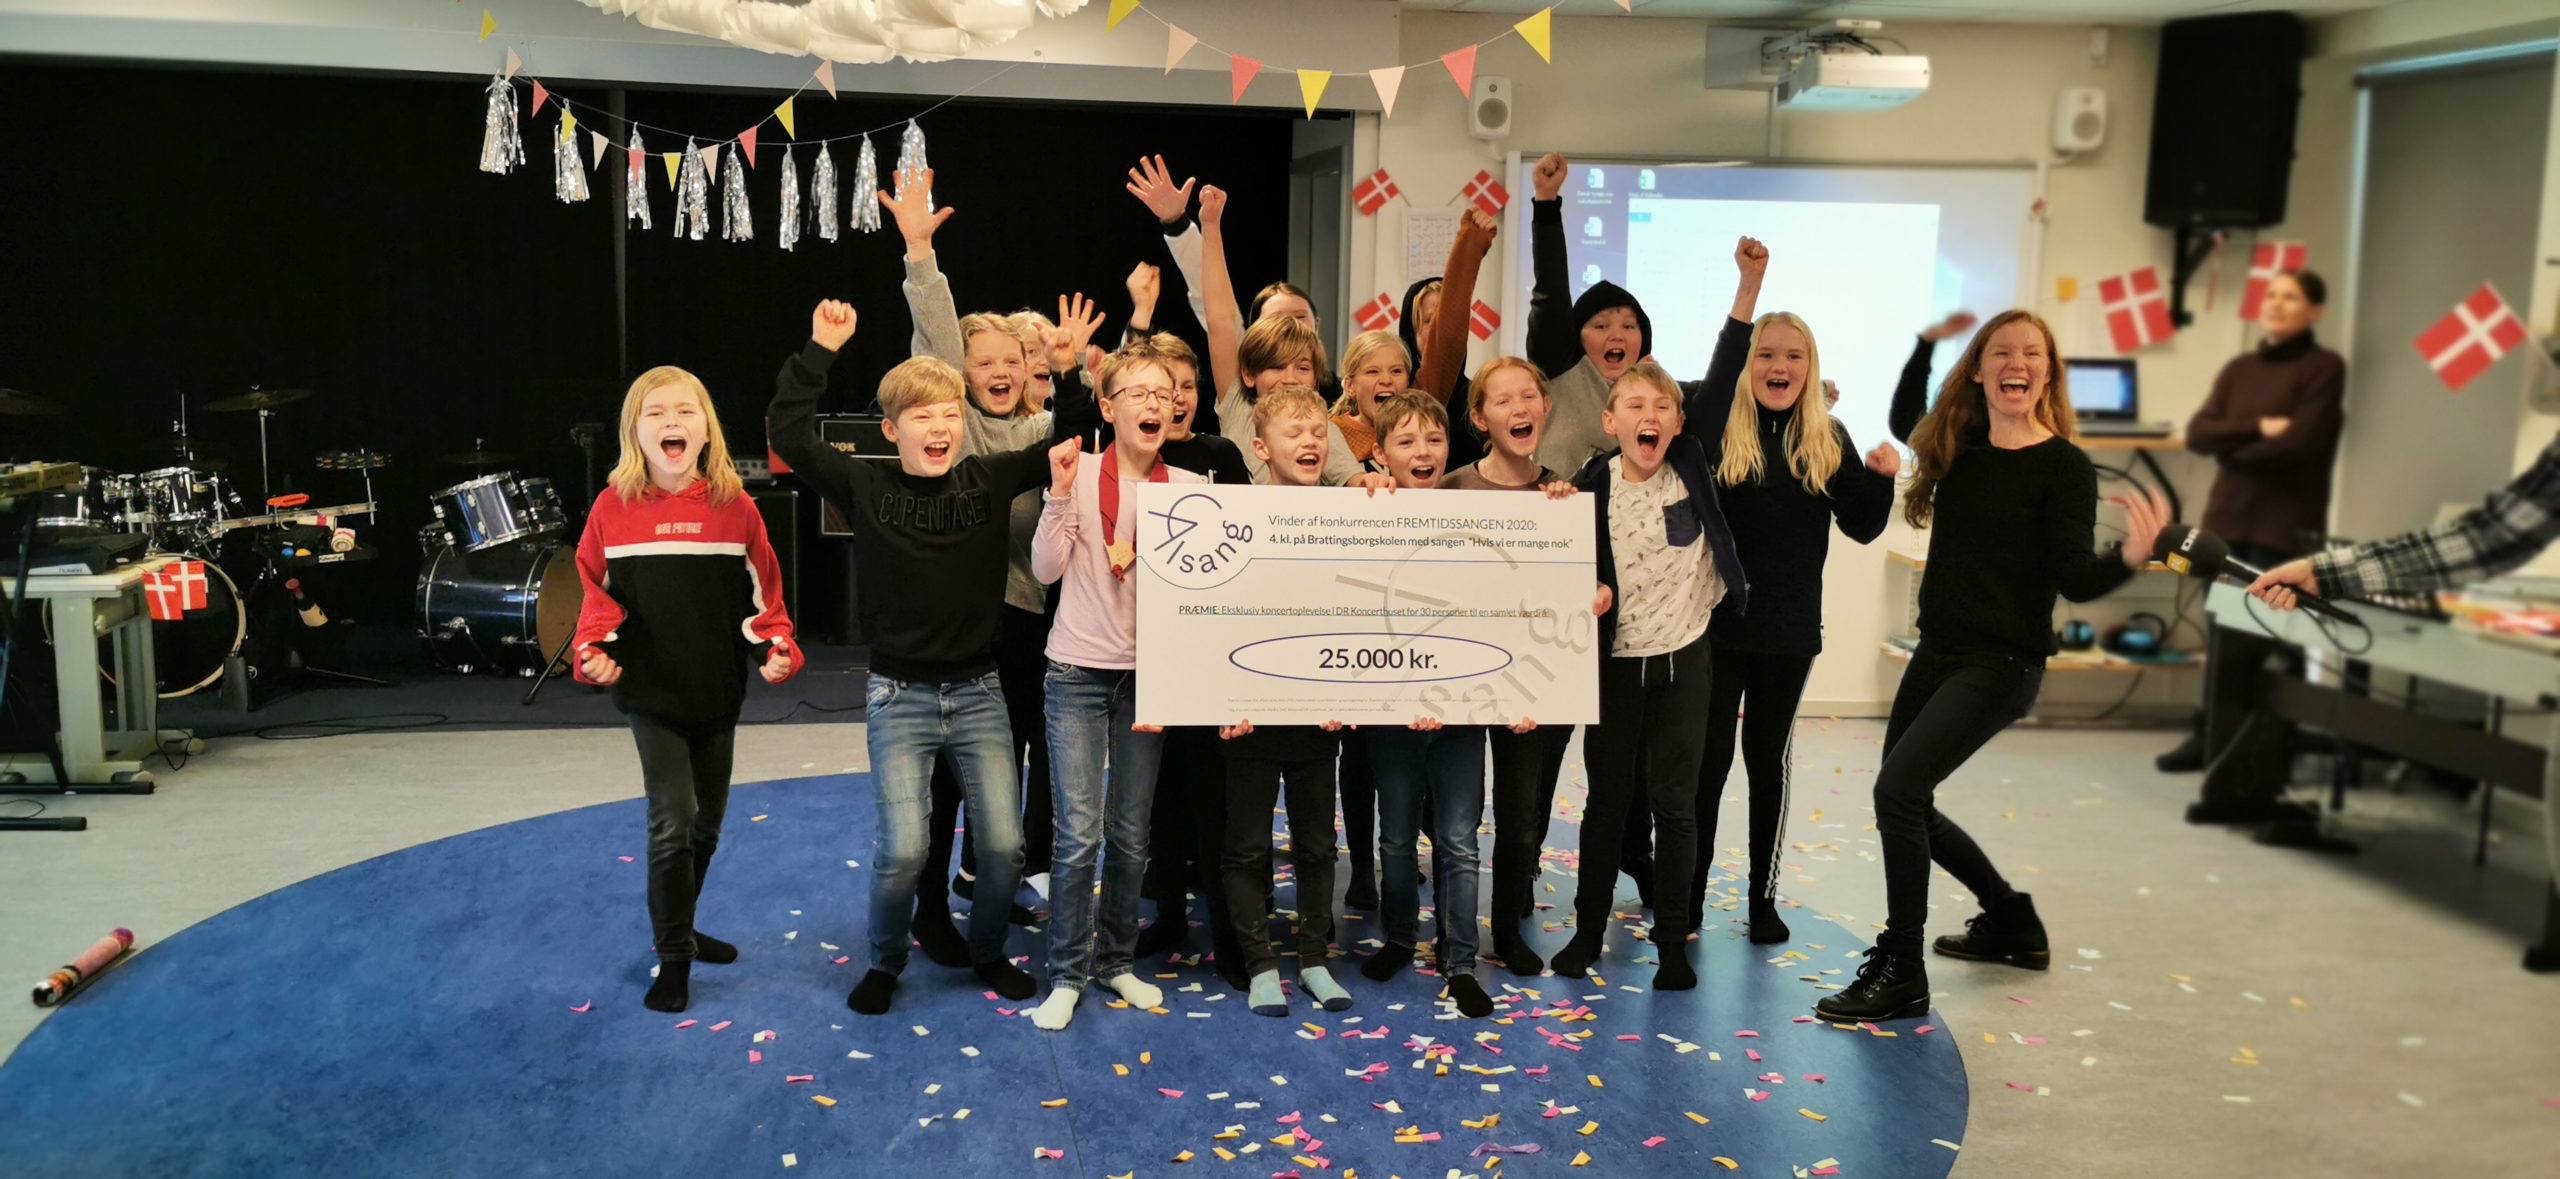 Vinderne af Fremtidssangen 2020, 4. klasse på Brattingsborgskolen